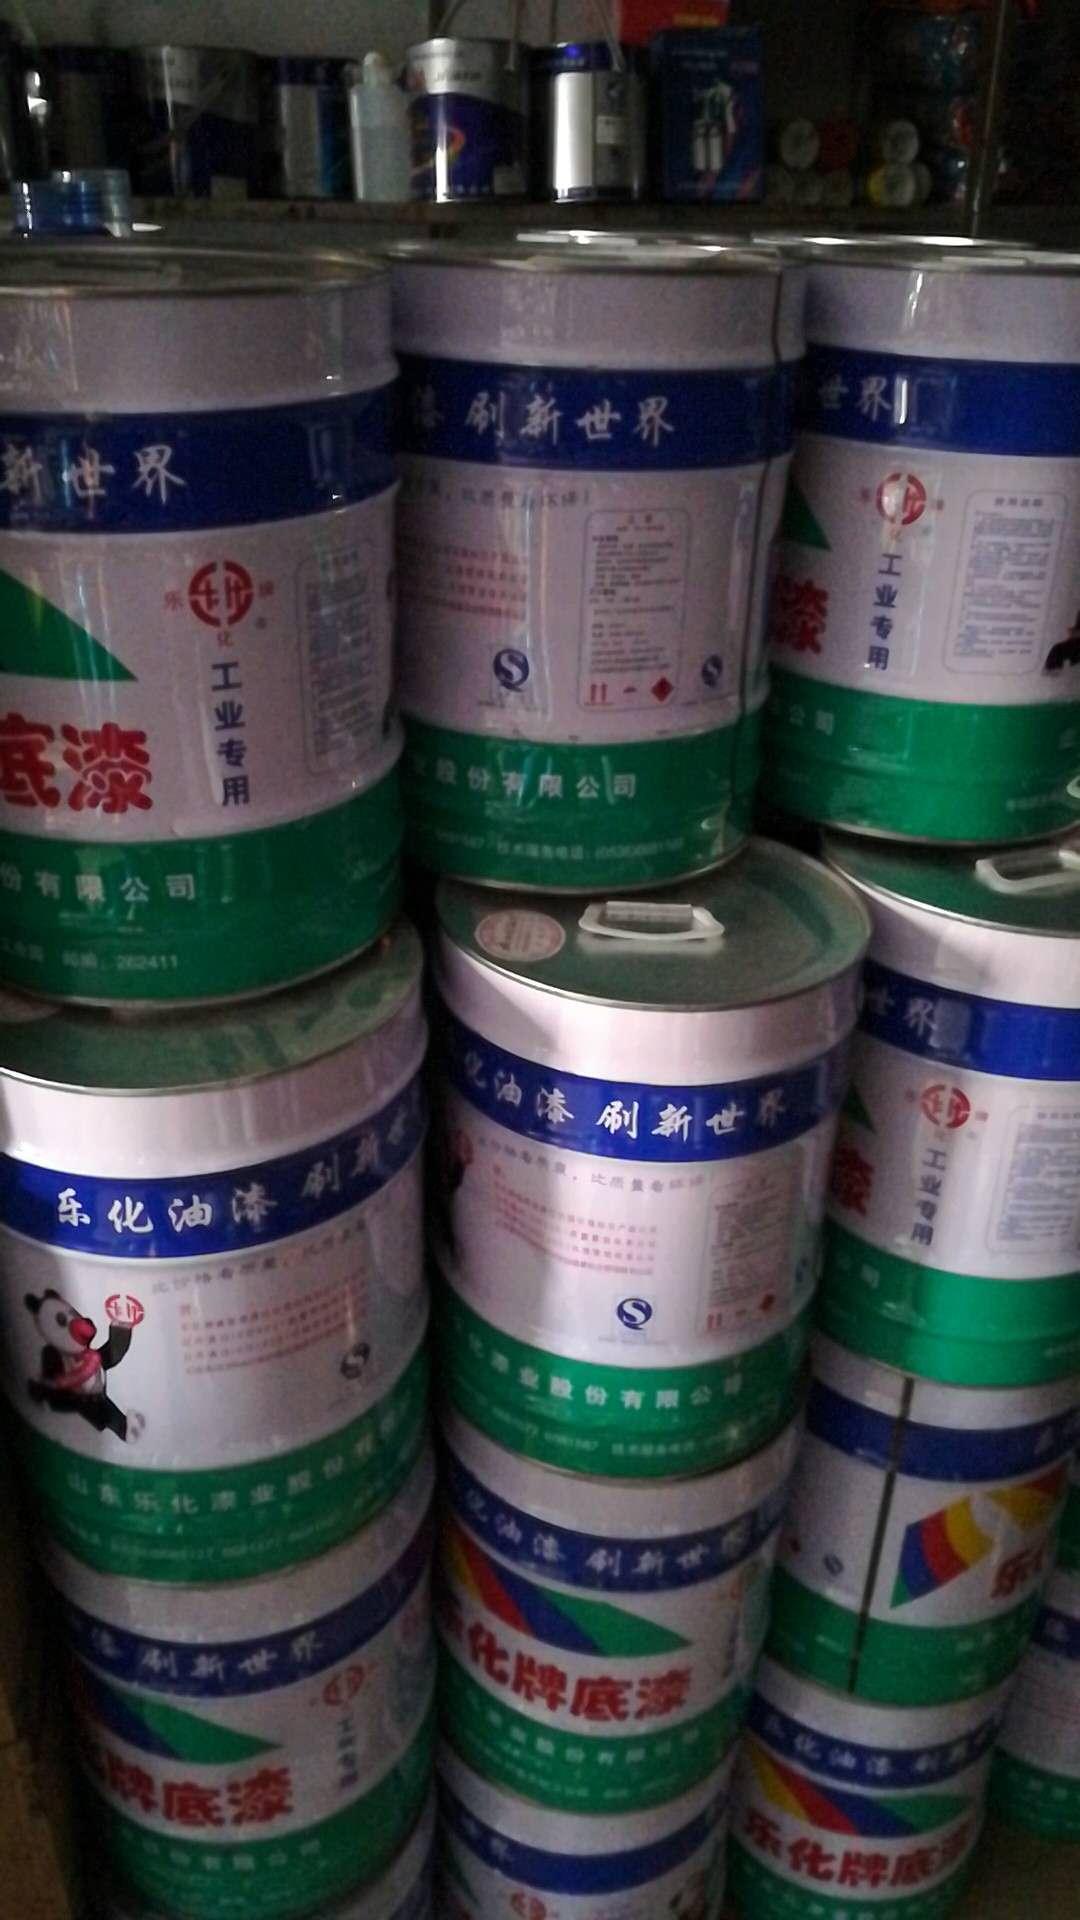 青岛乐化牌油漆品牌-买优惠的乐化牌油漆,就来天彩工贸